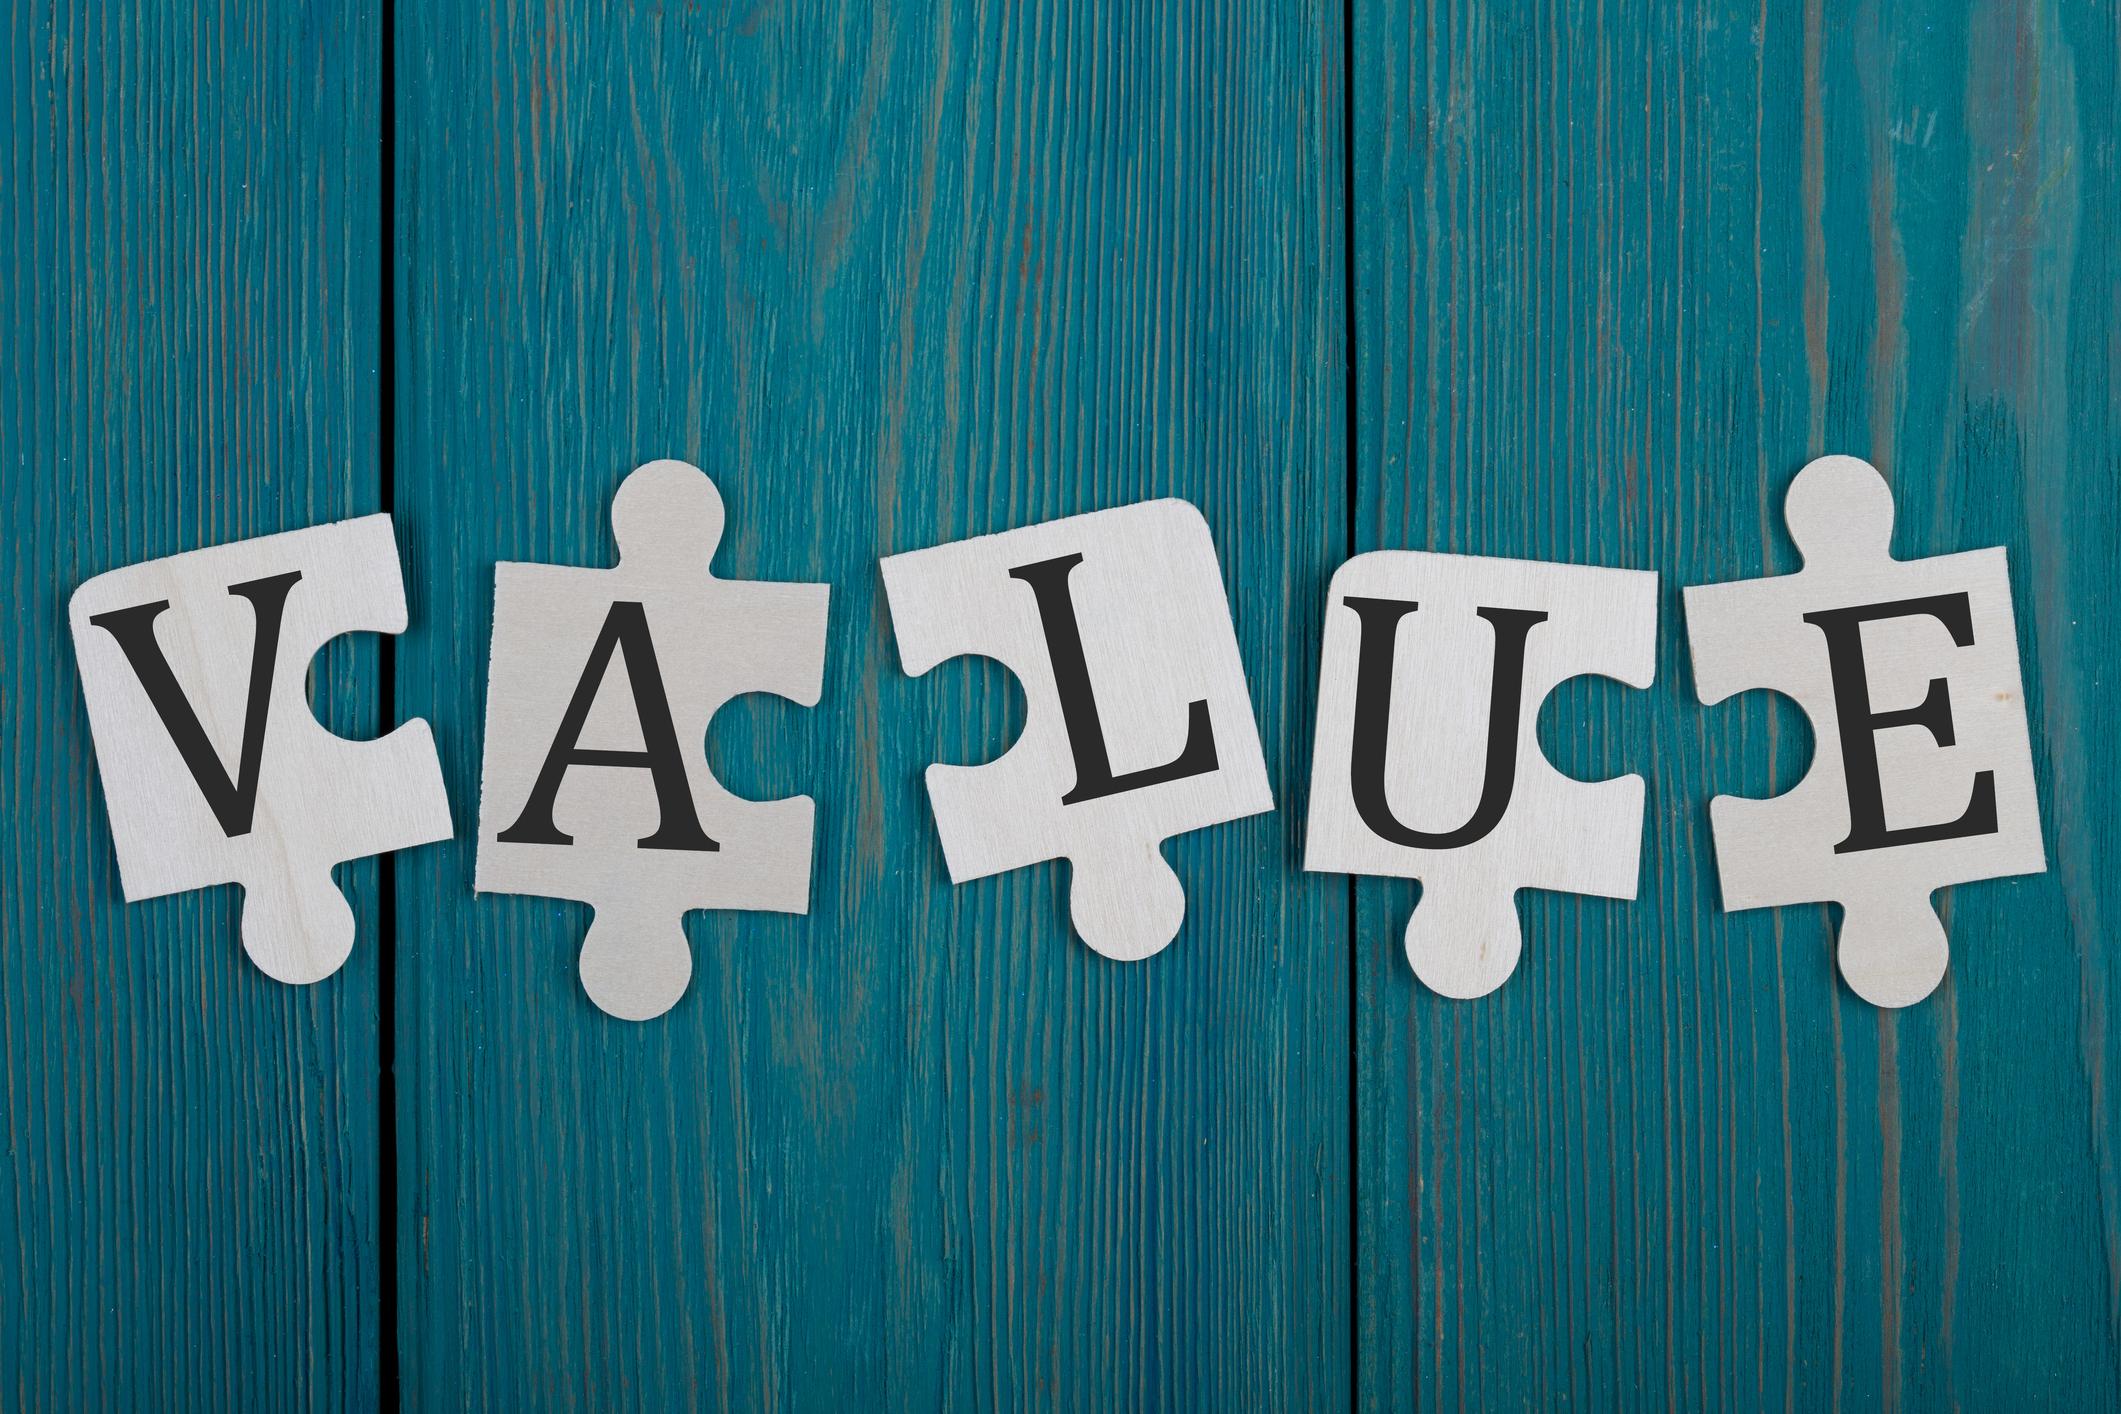 Puzzle pieces spelling Value.